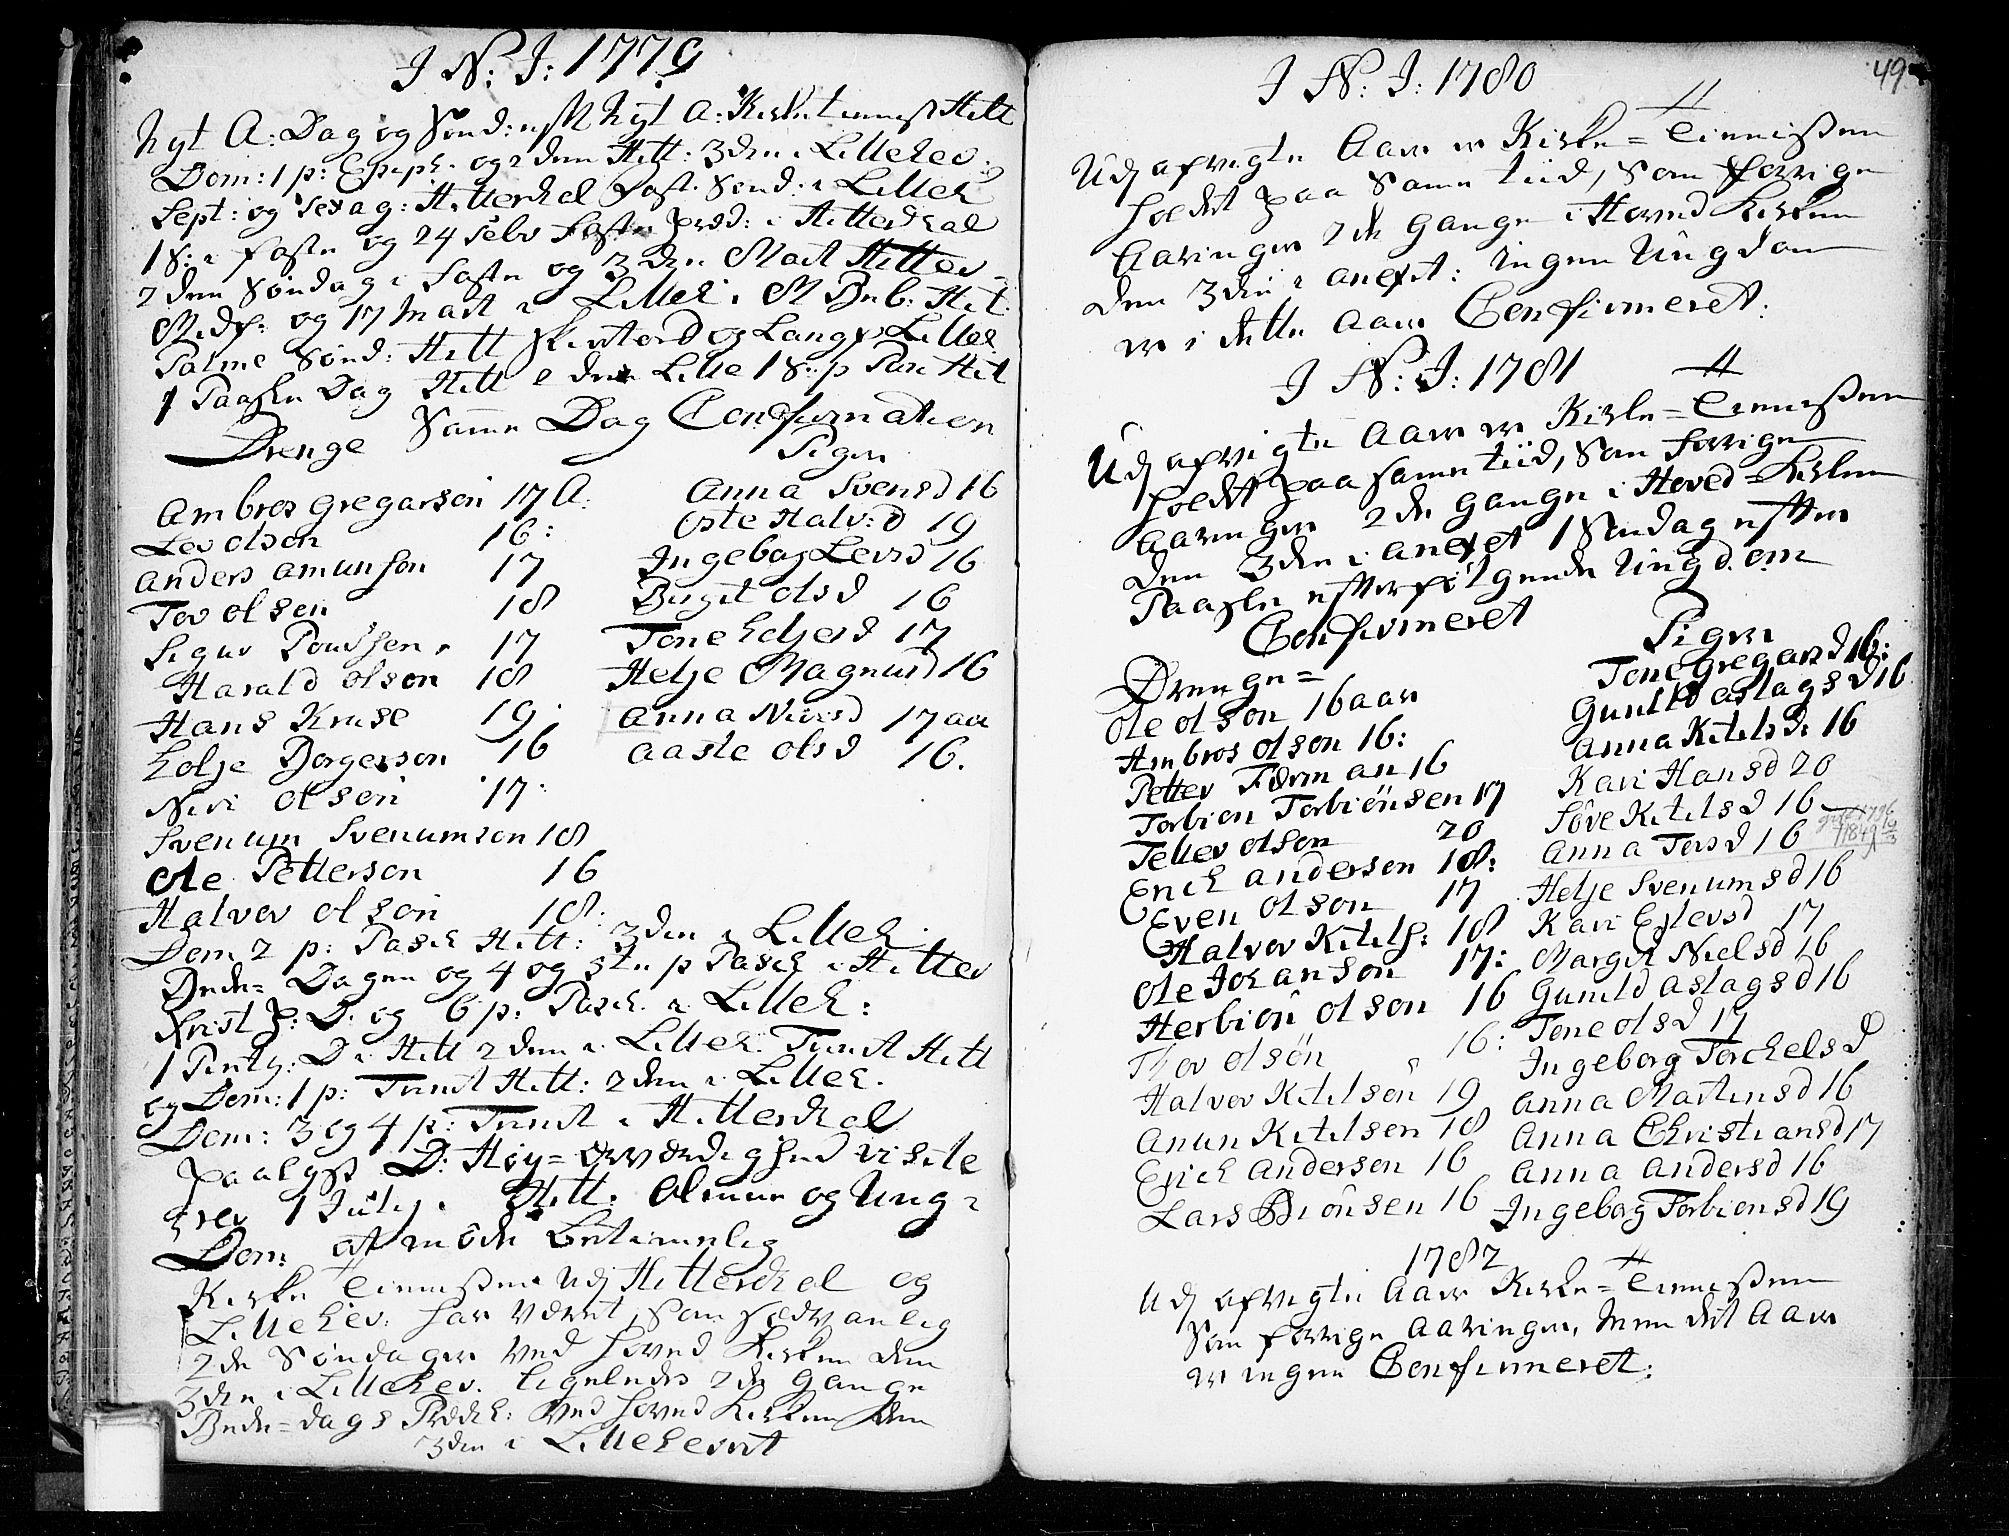 SAKO, Heddal kirkebøker, F/Fa/L0003: Ministerialbok nr. I 3, 1723-1783, s. 49